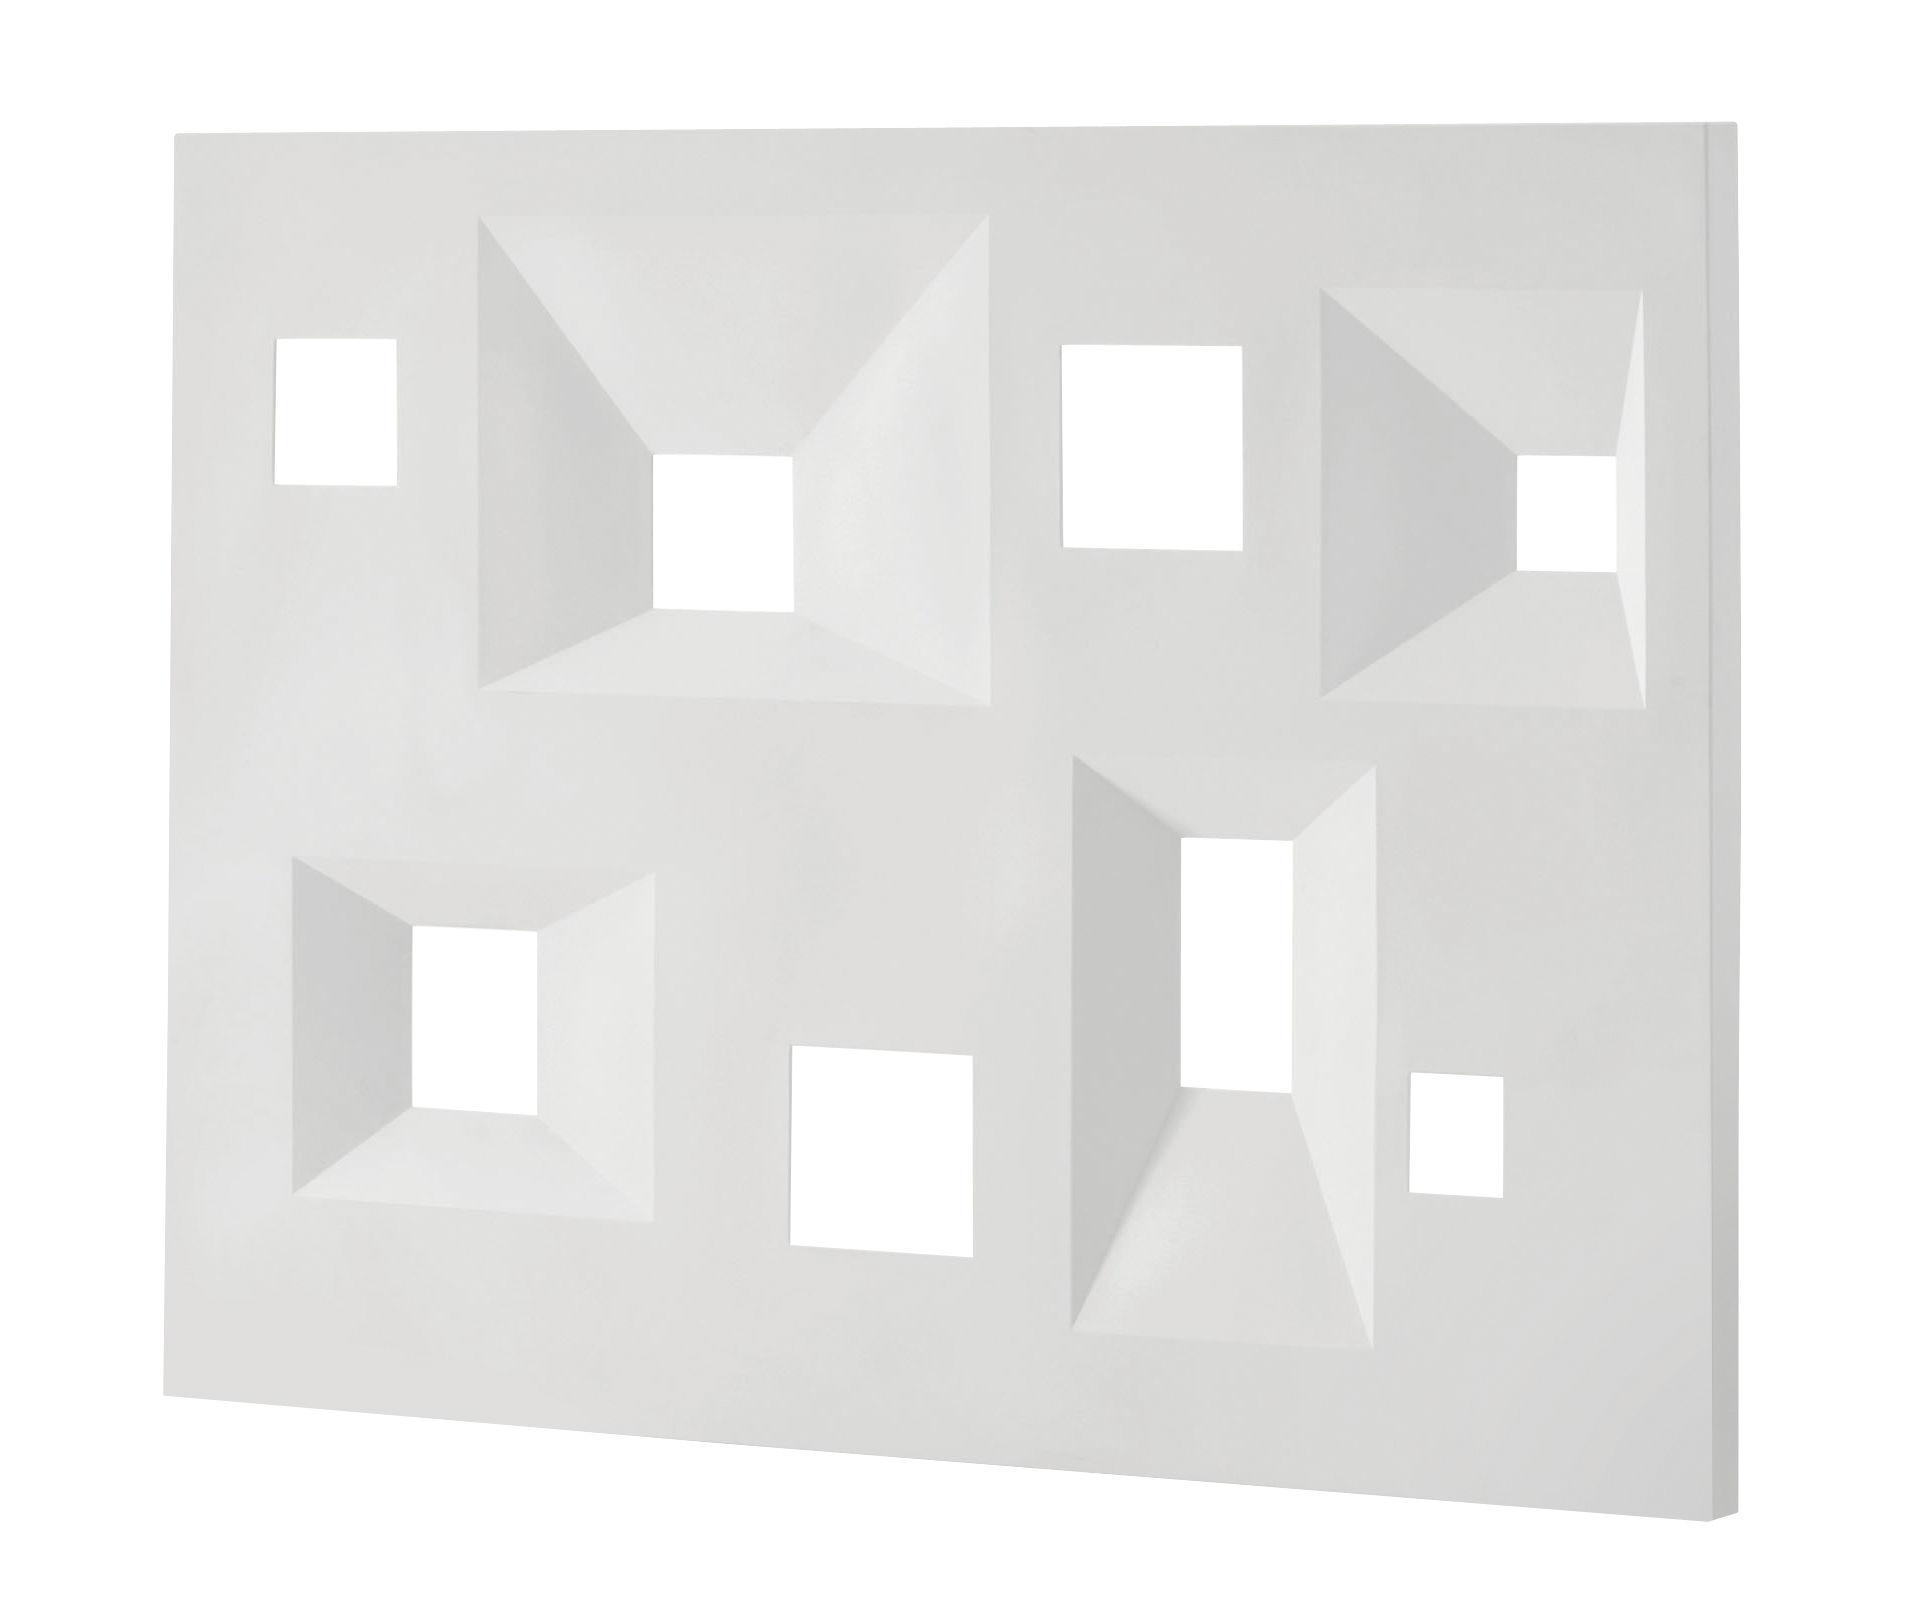 Mobilier - Paravents, séparations - Paravent Frames / Cloison modulable - Intérieur / extérieur - 150 x 200 cm - MyYour - Blanc brillant - Plastique Poleasy ®